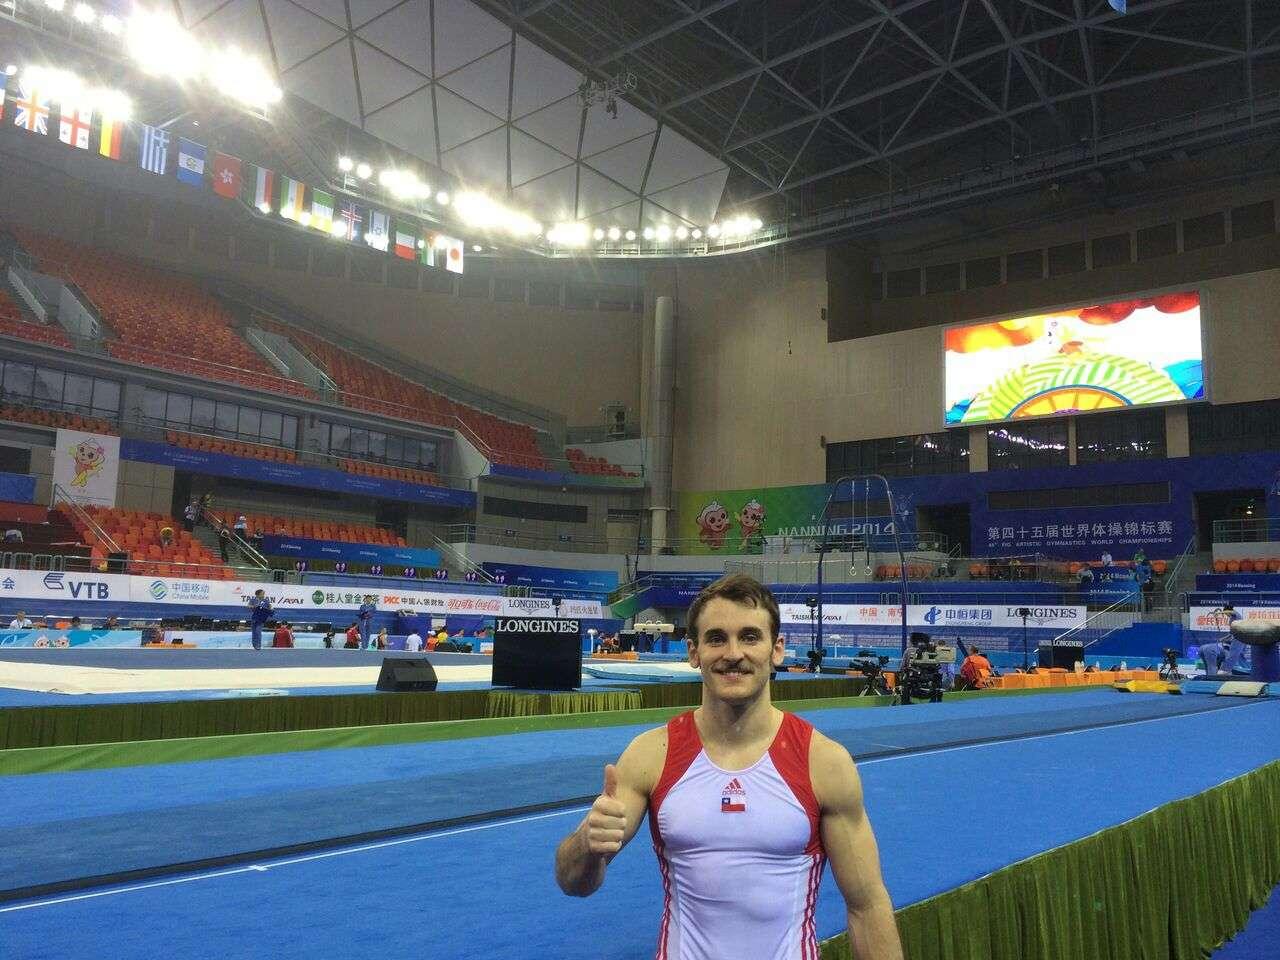 Tomás González compite desde este viernes. Foto: Gentileza Olimpia Comunicaciones